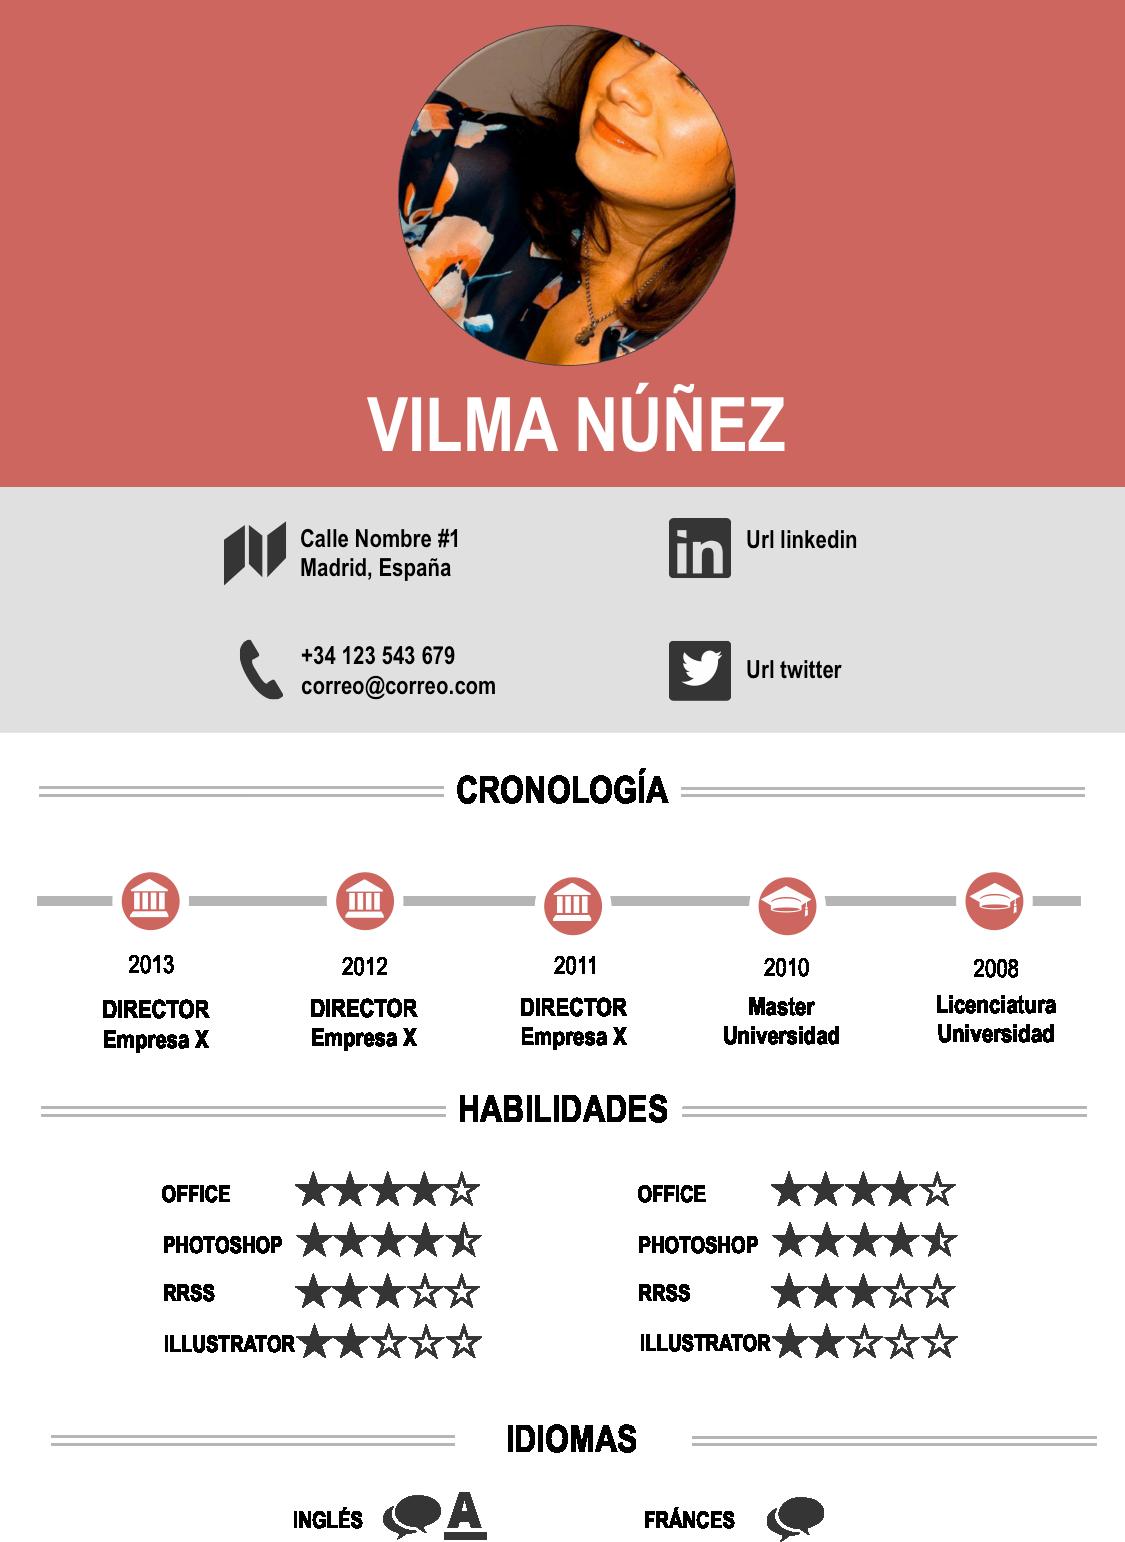 Ejemplo de CV infográfico vía Vilma Nuñez | Board | Pinterest | Cv ...